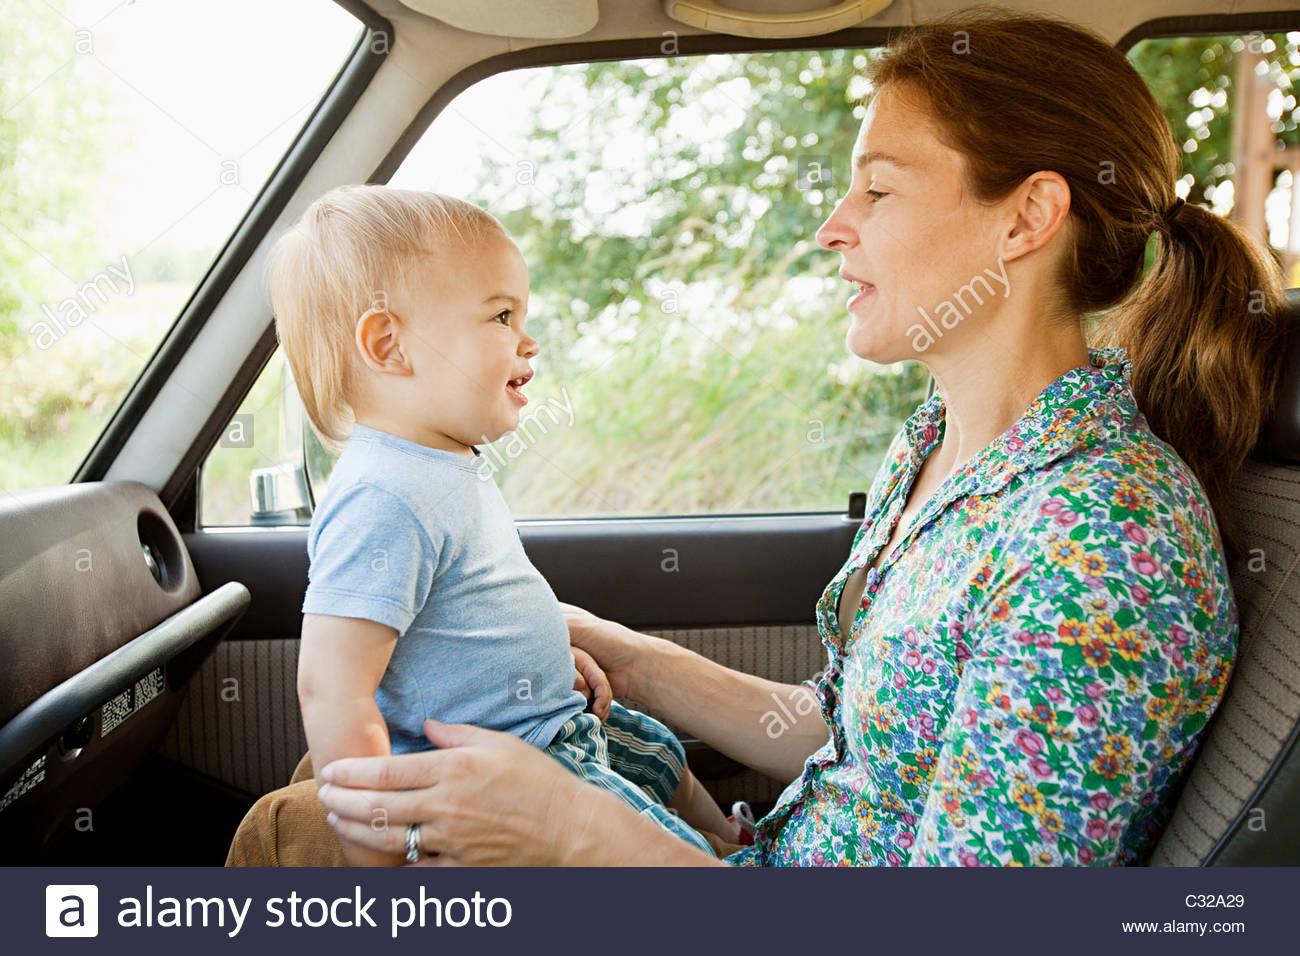 Mutter und Baby Sohn im Fahrzeug Stockbild